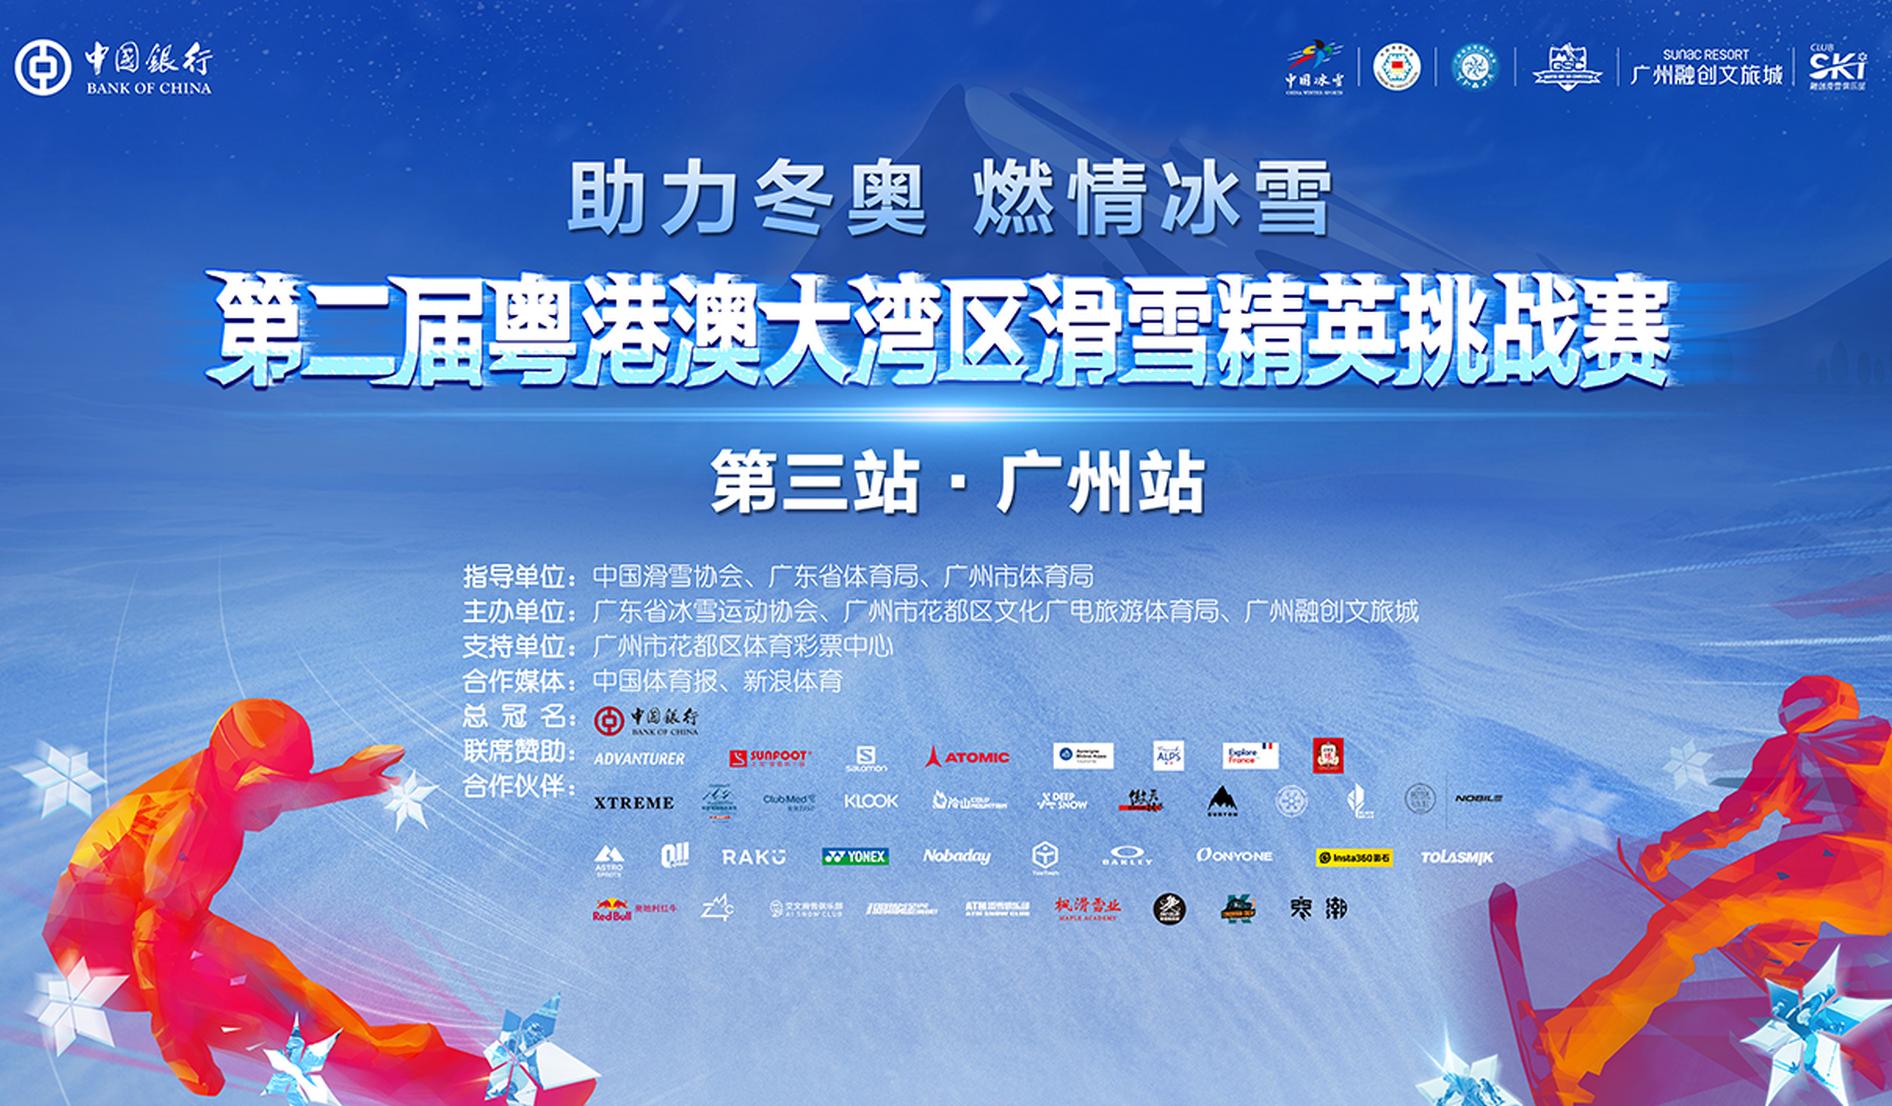 第二届粤港澳大湾区滑雪精英挑战赛